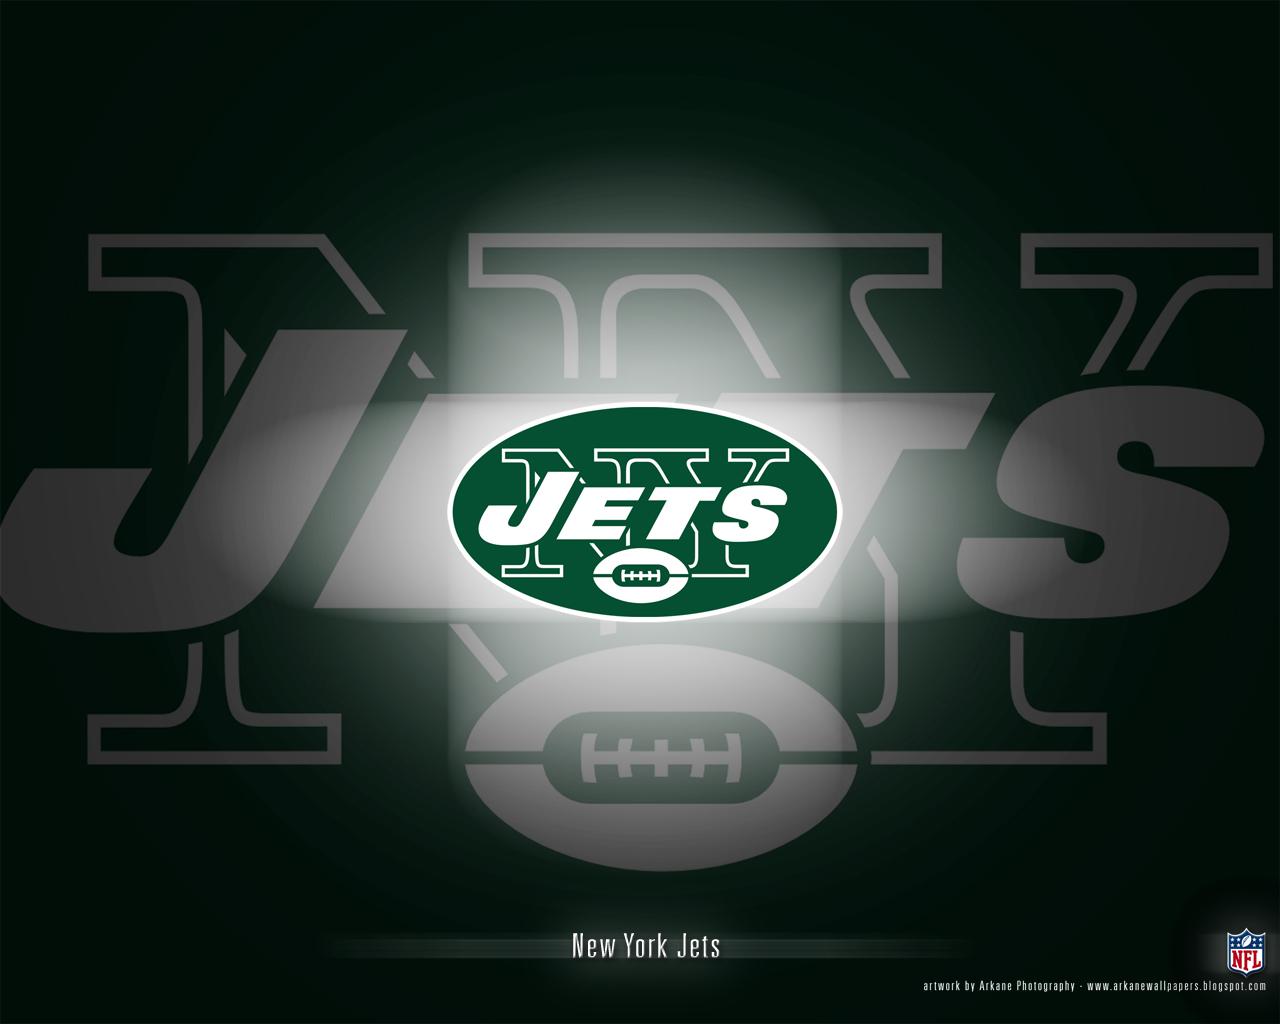 http://4.bp.blogspot.com/_JuYYGgmnUQU/SwRUpfSs6pI/AAAAAAAAAY4/ohhewtAQ4Qk/s1600/New+York+Jets.jpeg